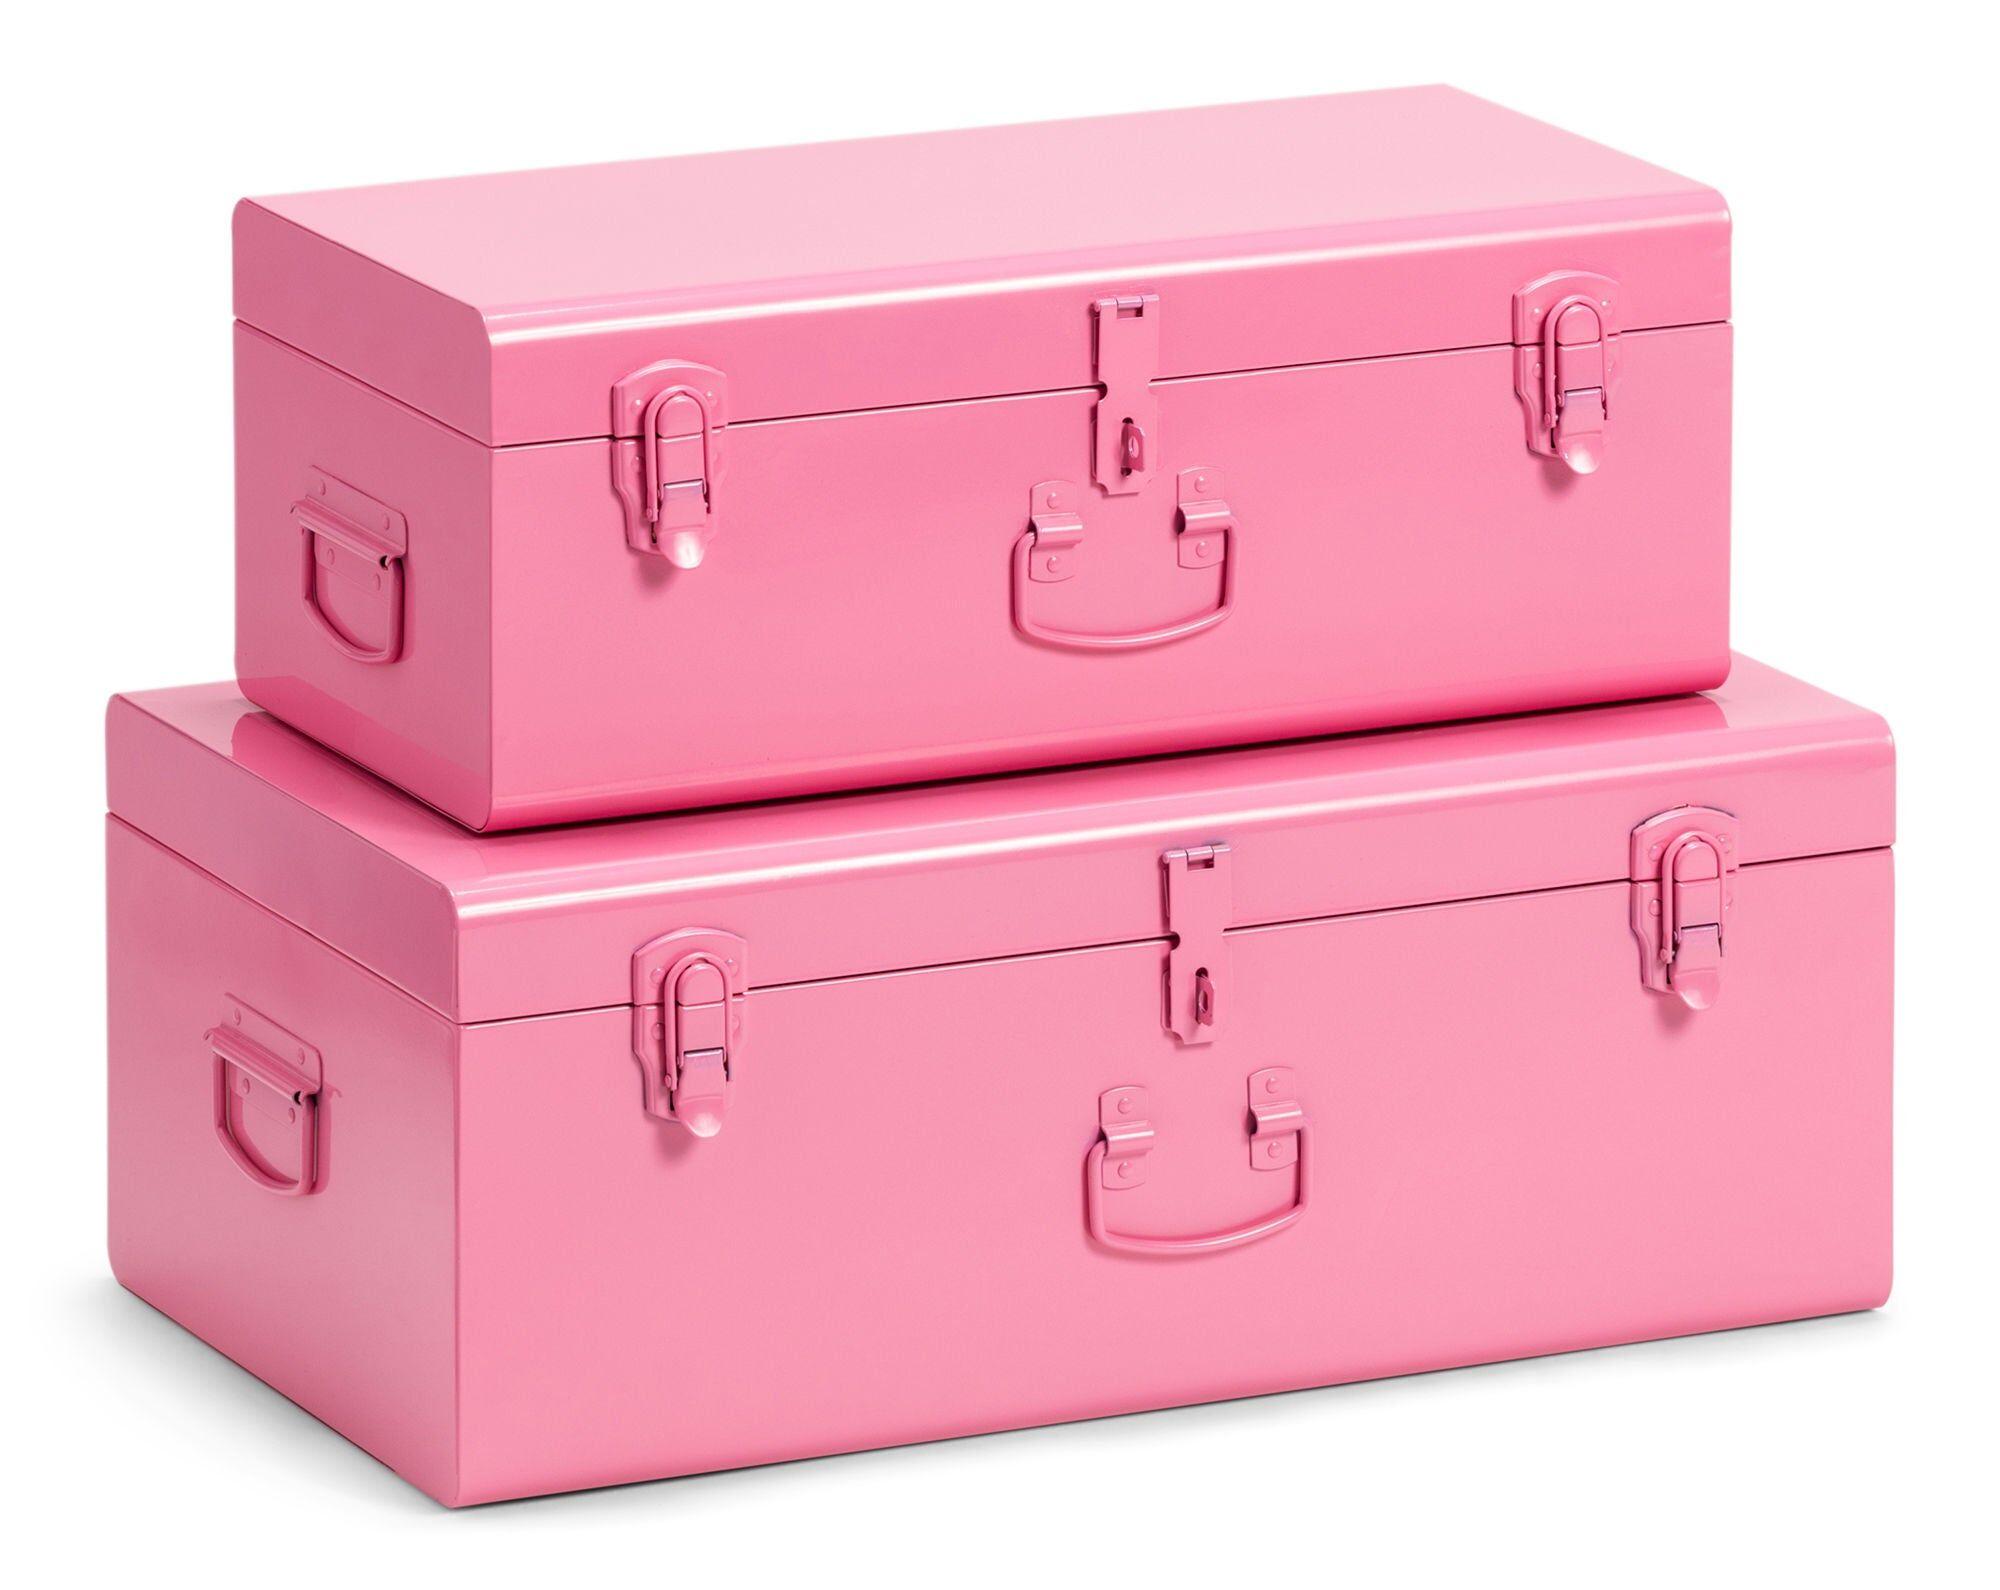 POPP Oppbevaringskasser Koffert 2-Pack, Rosa